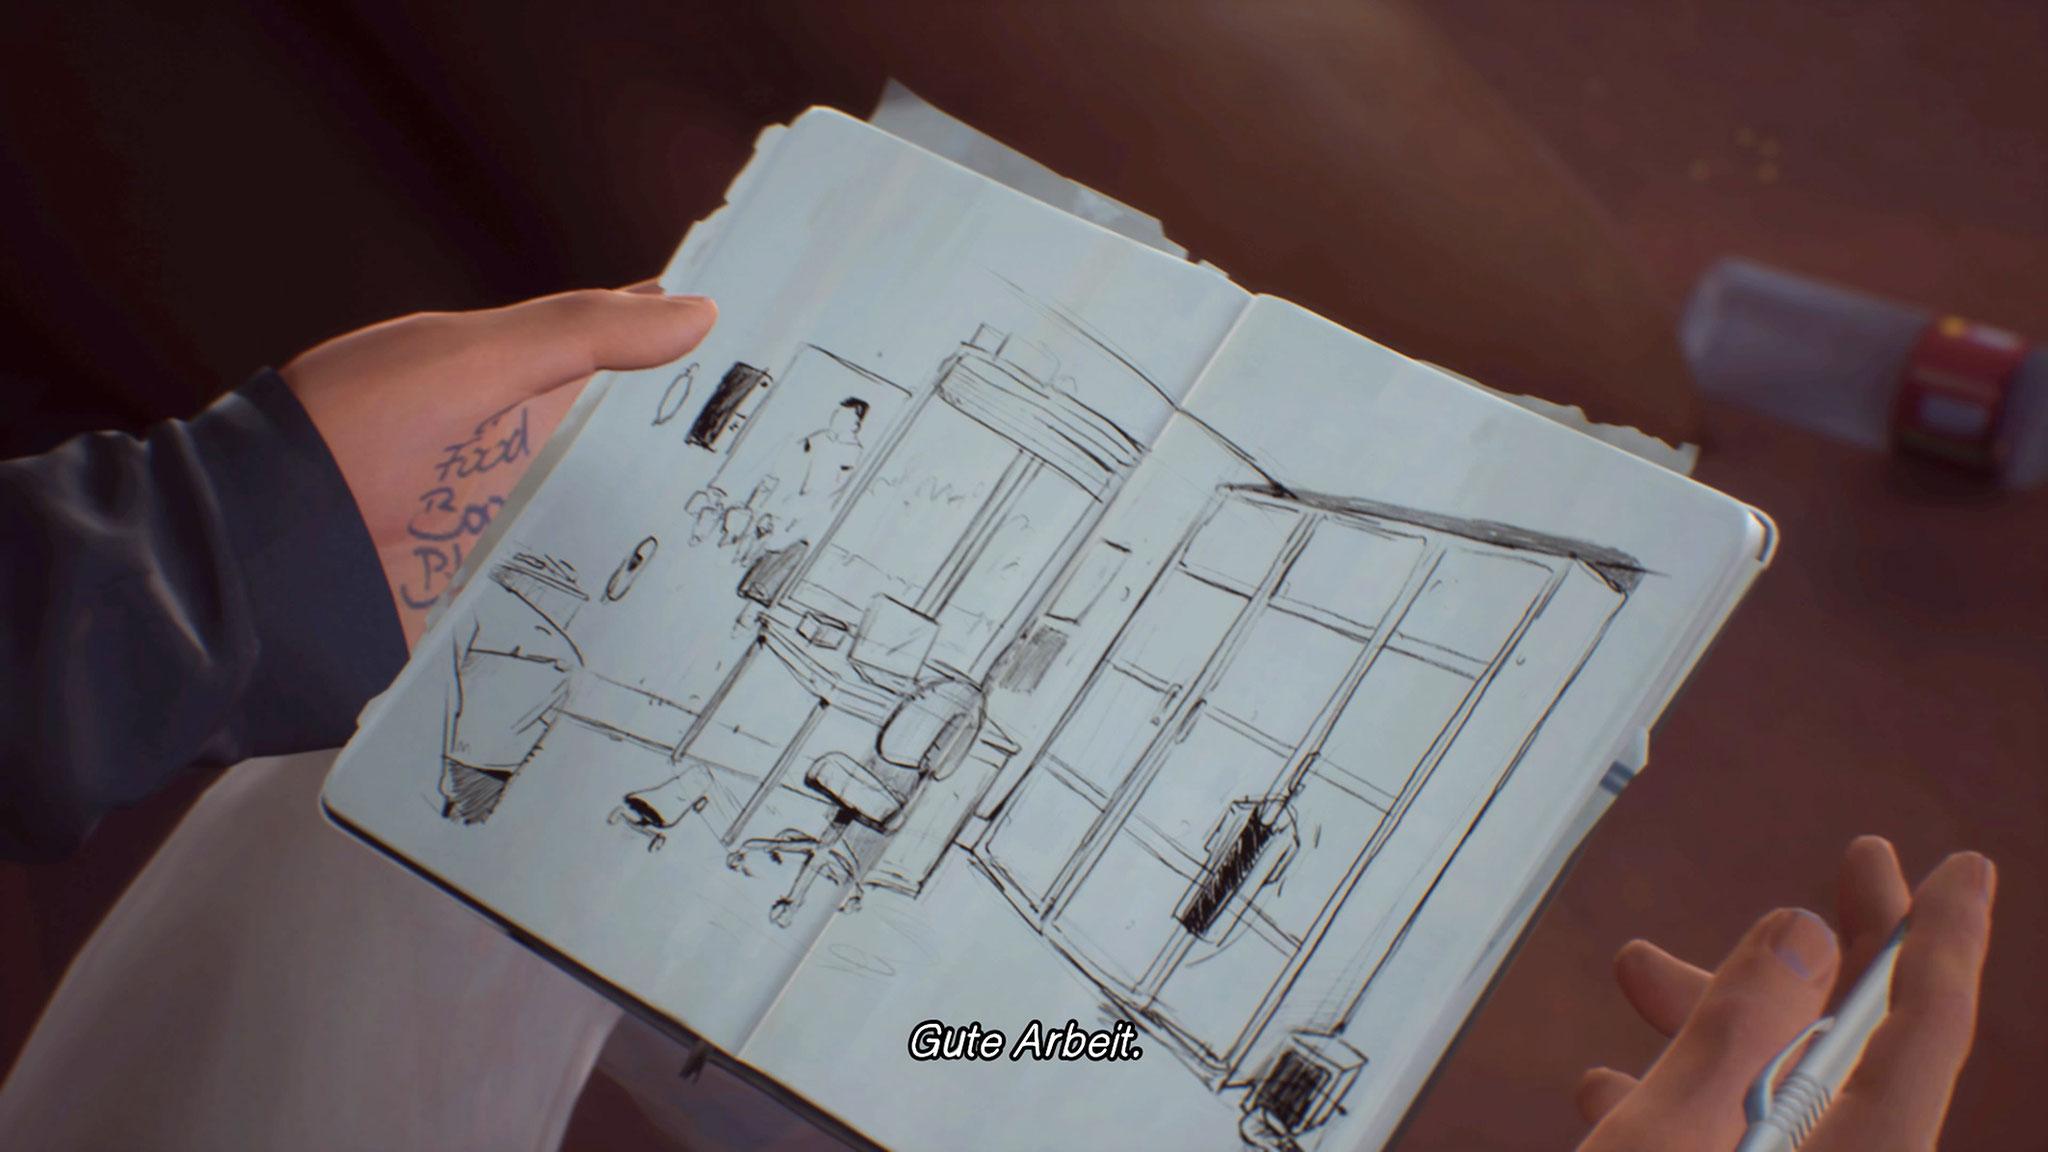 Auch in der zweiten Staffel gibt es wieder einen künstlerischen Bezug: Max war passionierte Fotografin, Sean ist Hobby-Zeichner. Wie im Vorgänger findet sich die Kreativ-Passion in den Menü-Designs des Spiels wieder.